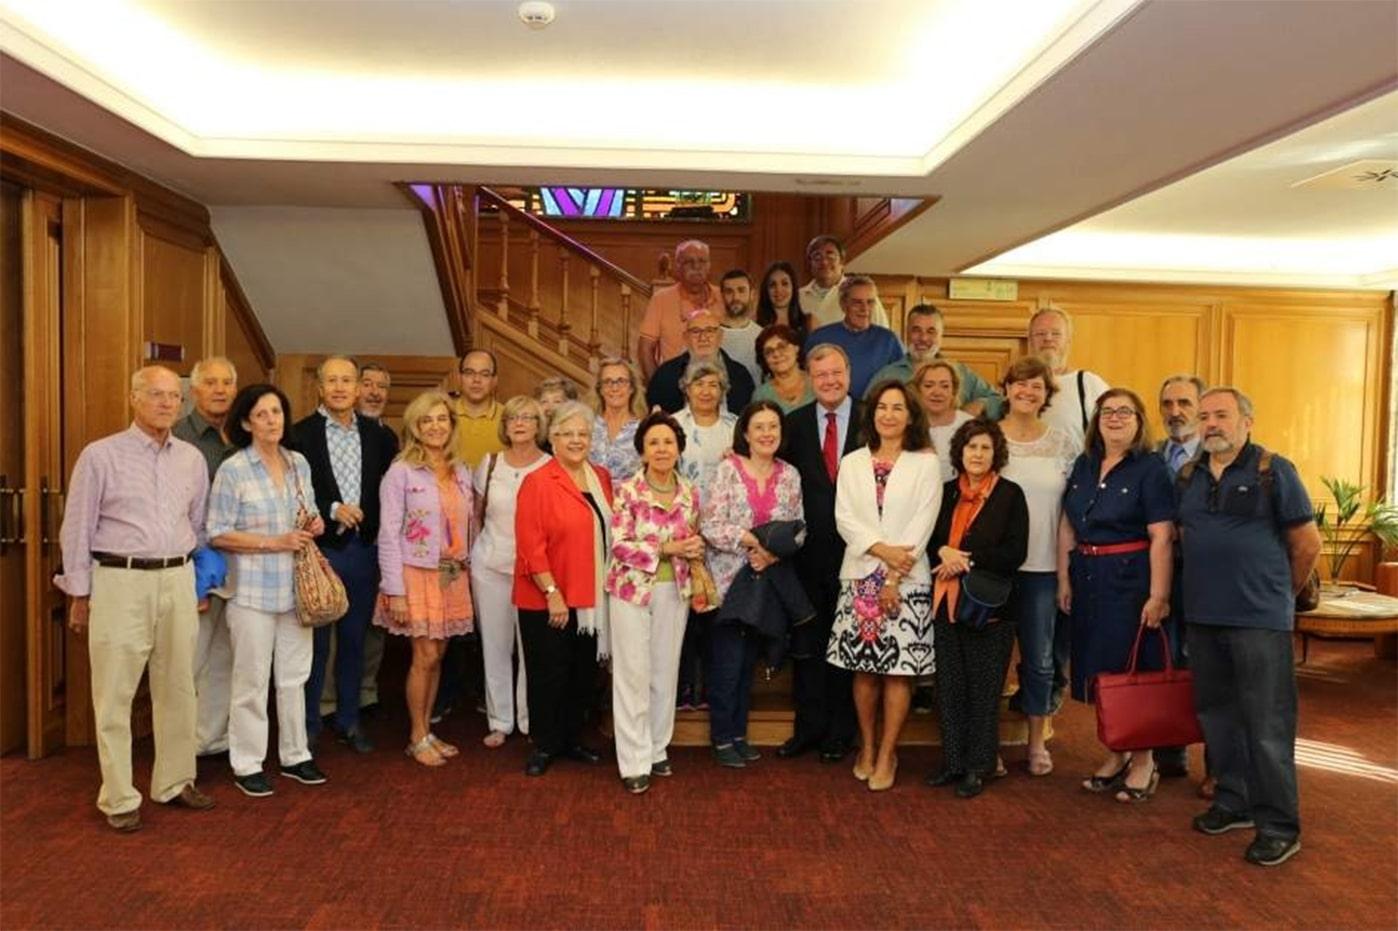 Grupo con el alcalde de León - Orígenes de Europa